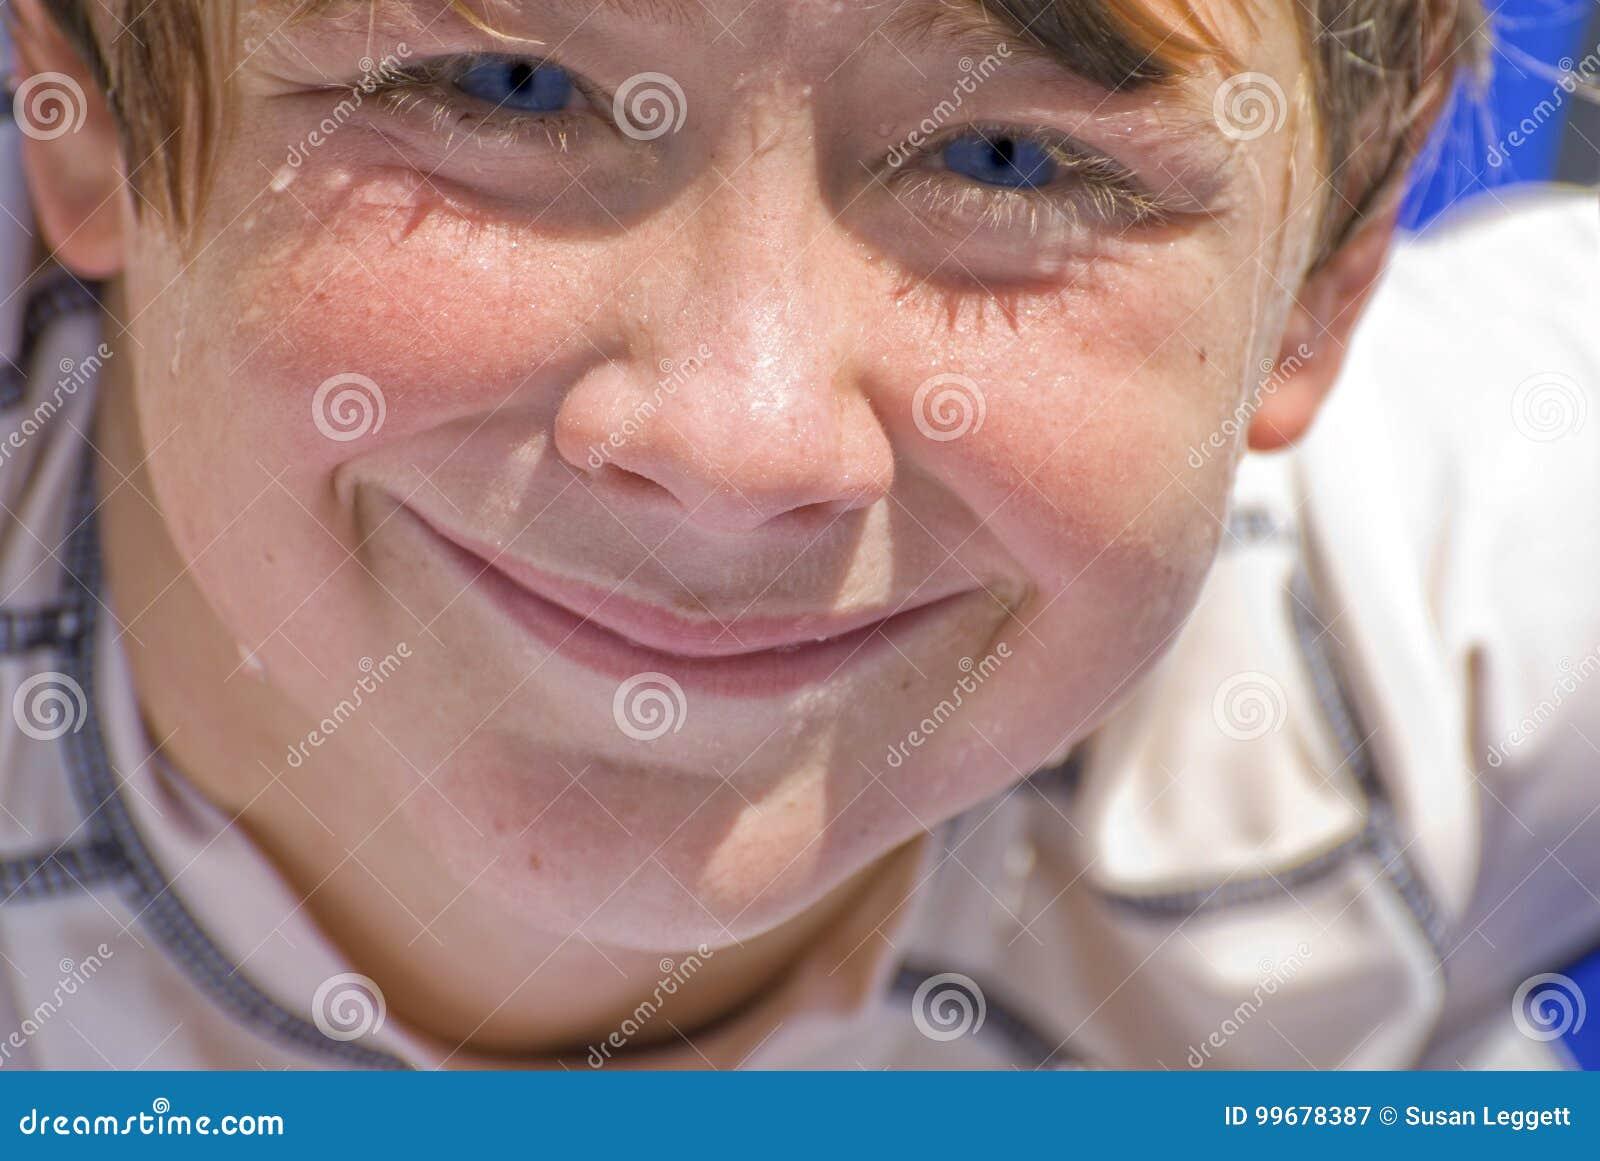 Lächelnder nasser Gesichts-Junge